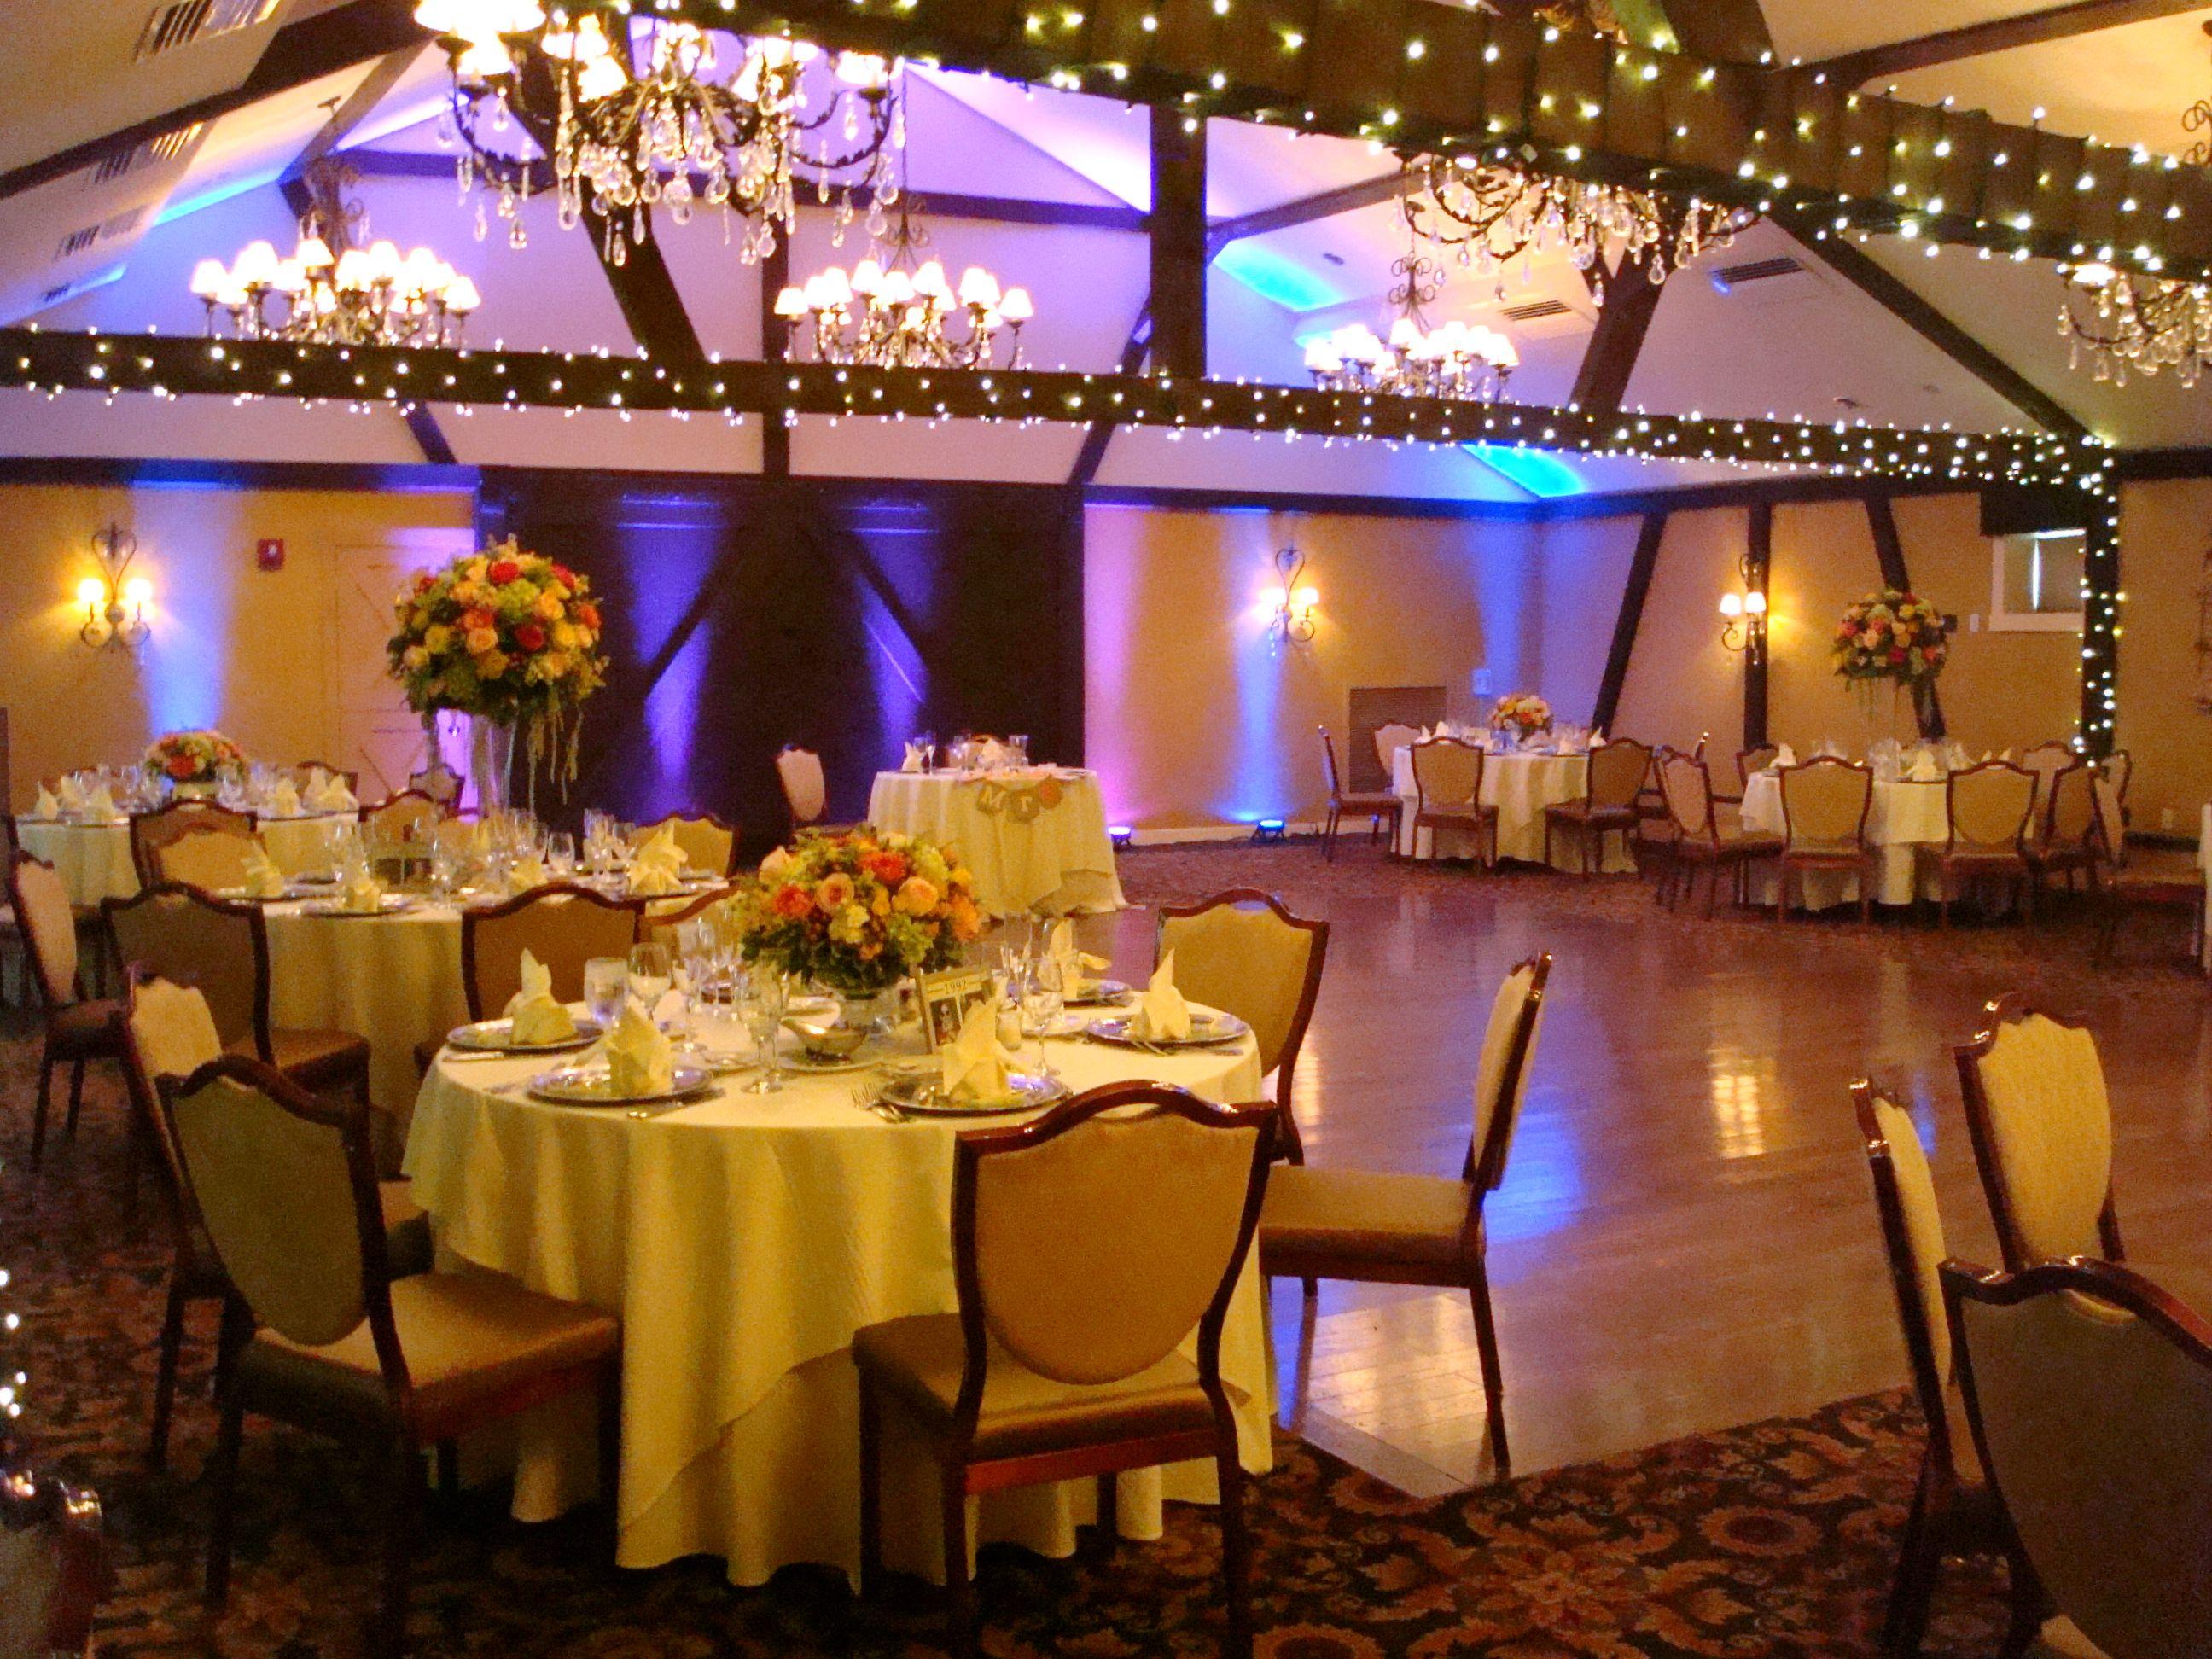 Cheap Wedding Entertainment Ideas: Silo Ballroom Wedding Reception Normandy Farm